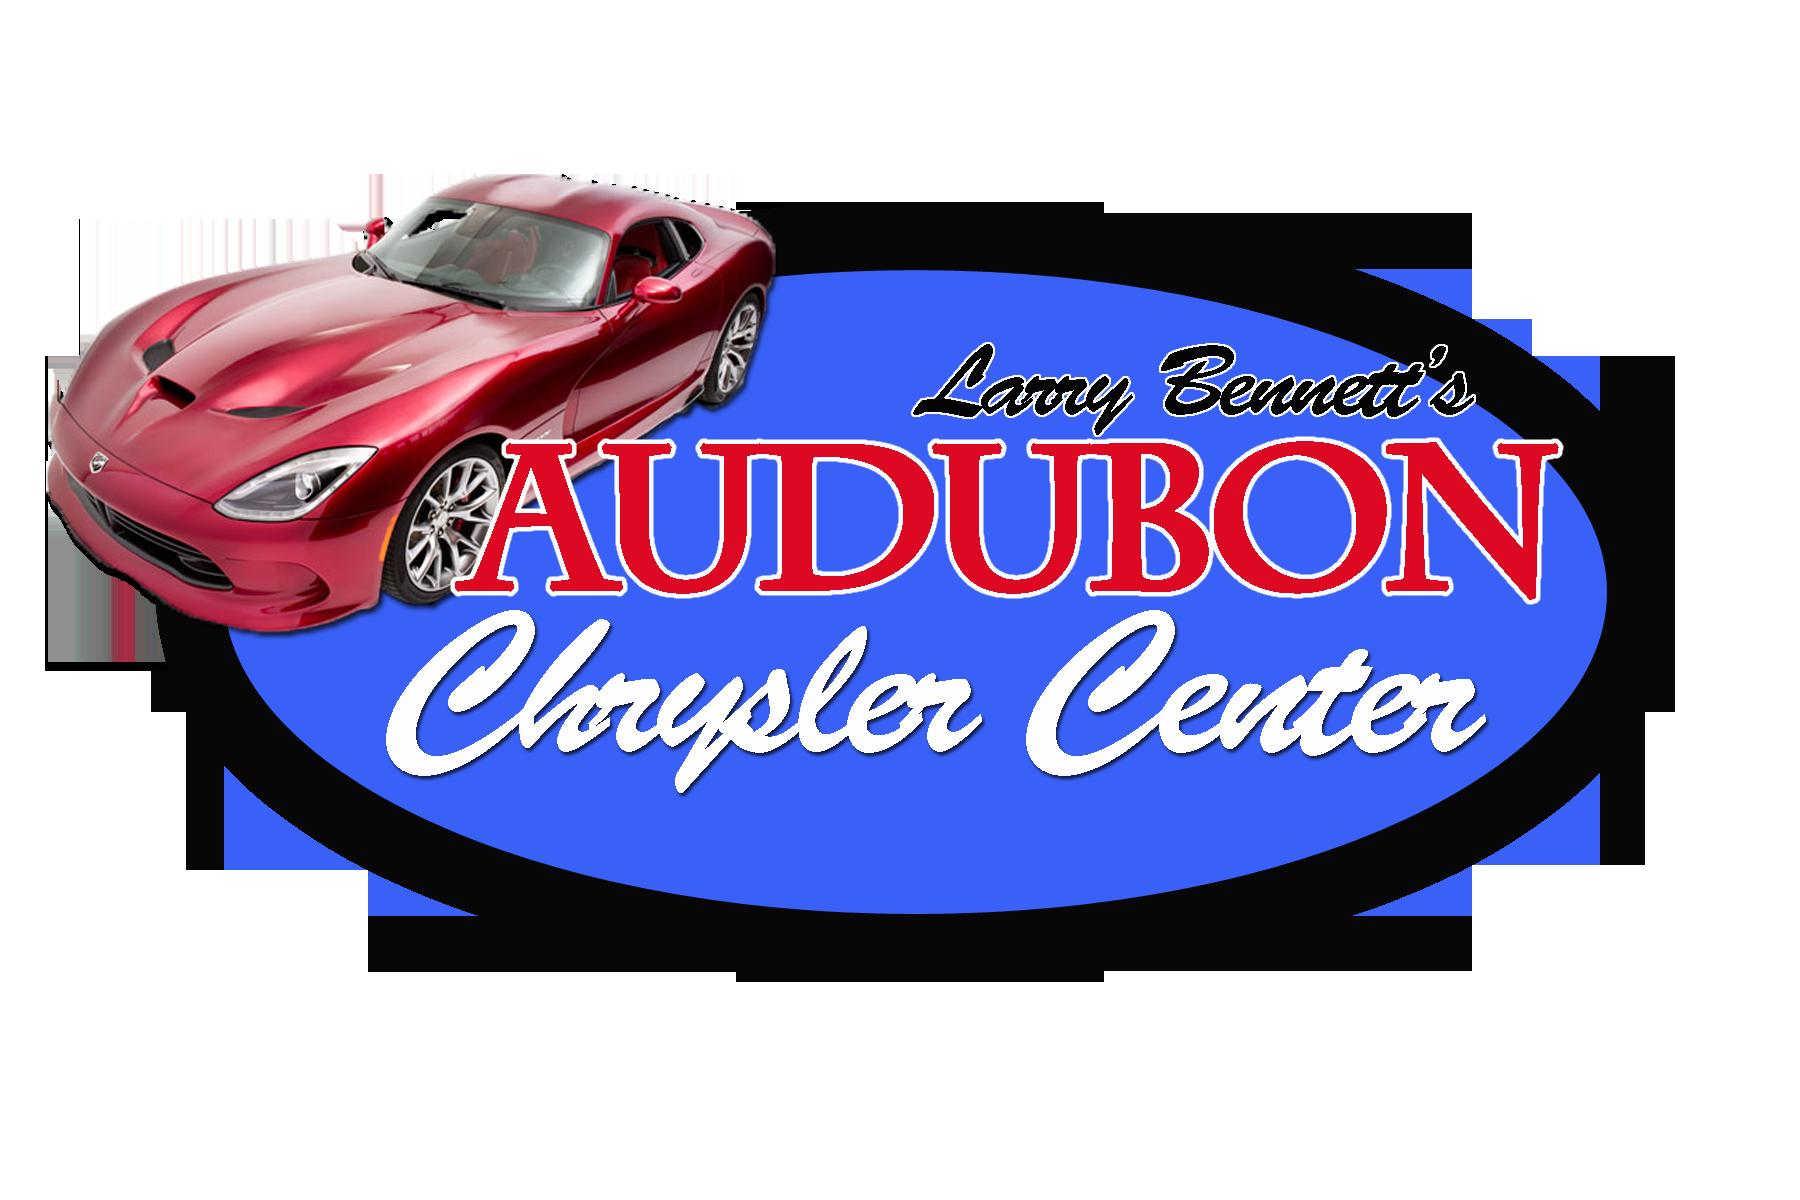 Audubon Chrysler Center